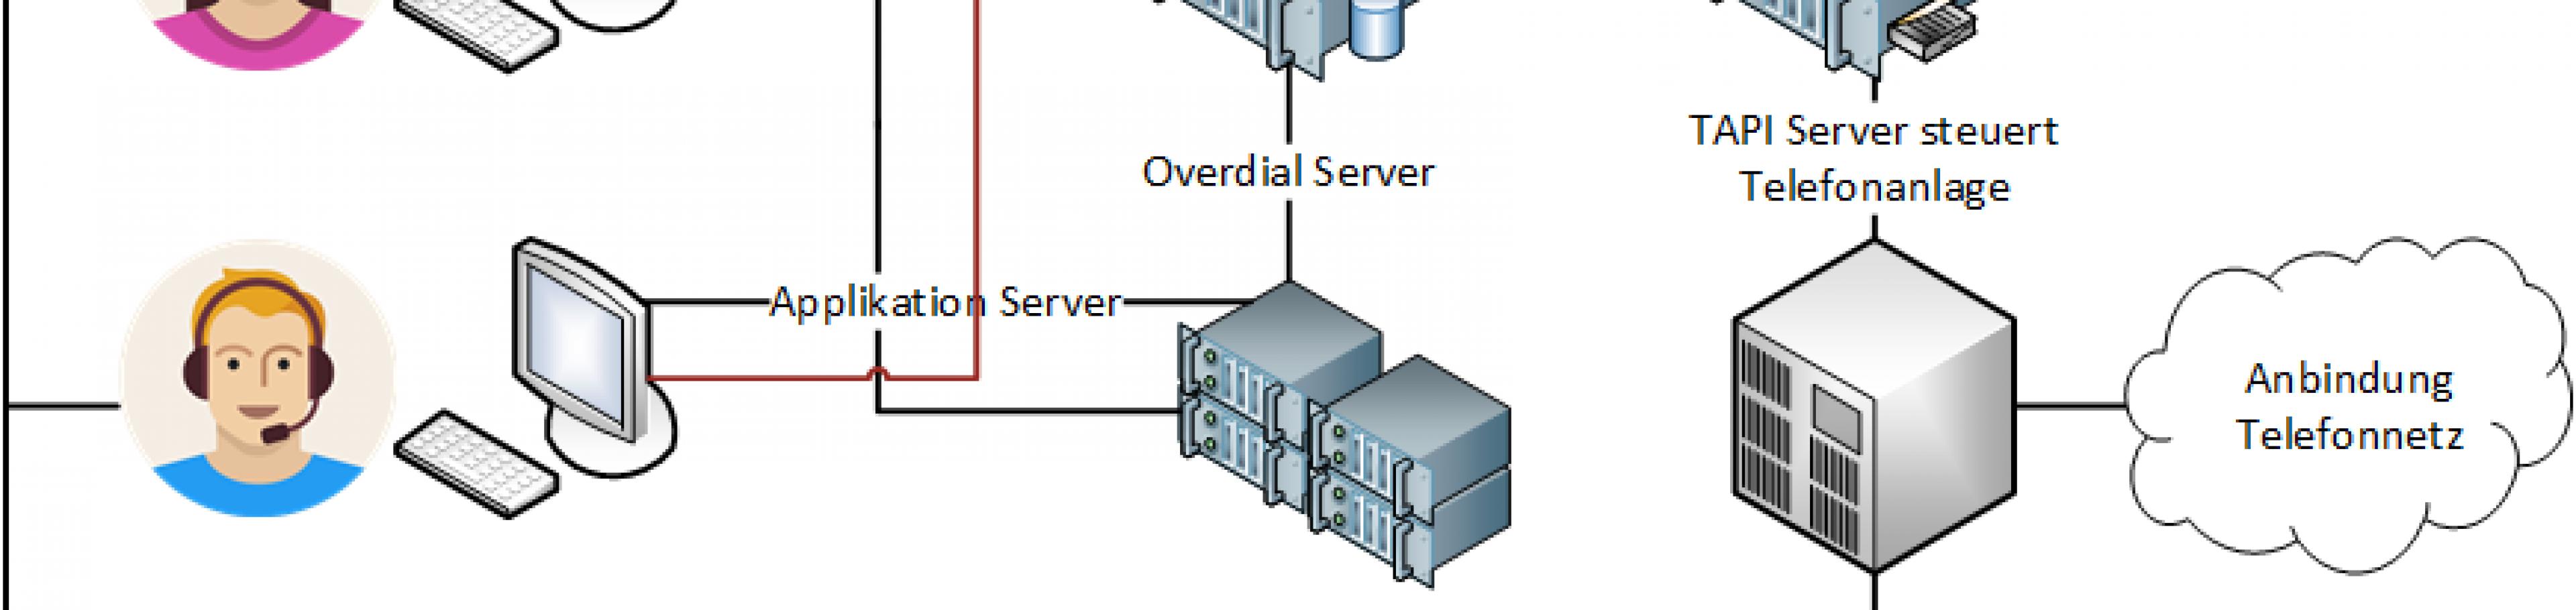 Architektur AG-VIP Overdial Server